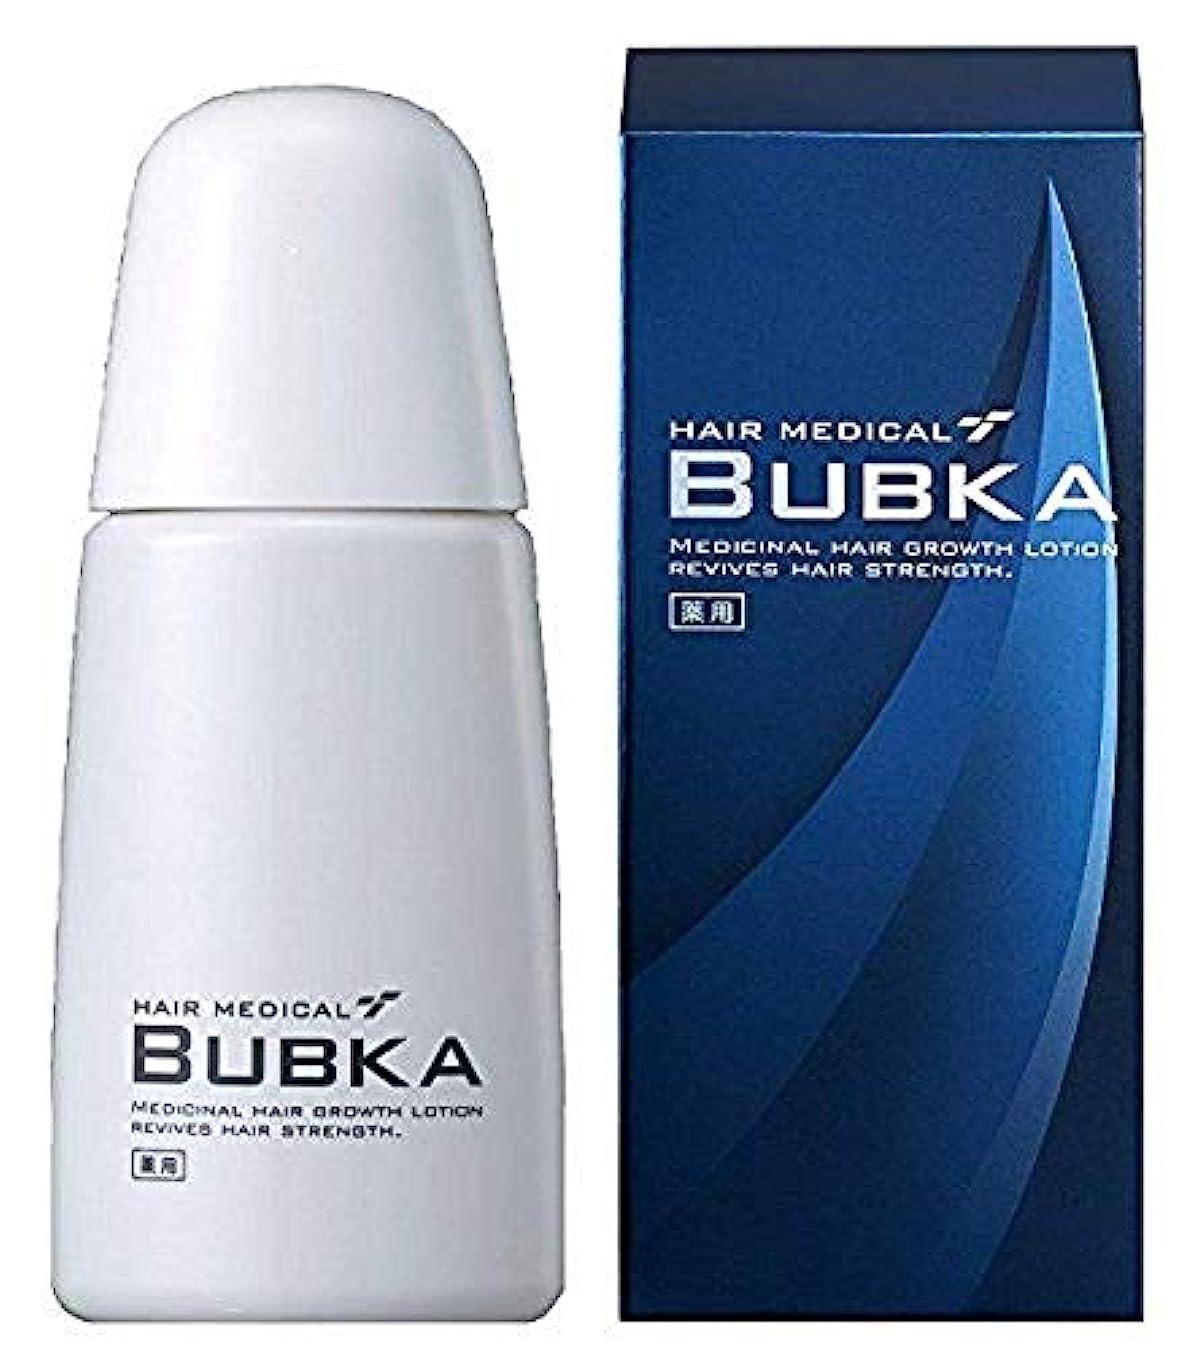 少年人口夕食を食べる【BUBKA ブブカ 】新型 濃密育毛剤 ブブカ-003M (内容量:120ml 約1ヶ月分)(医薬部外品)